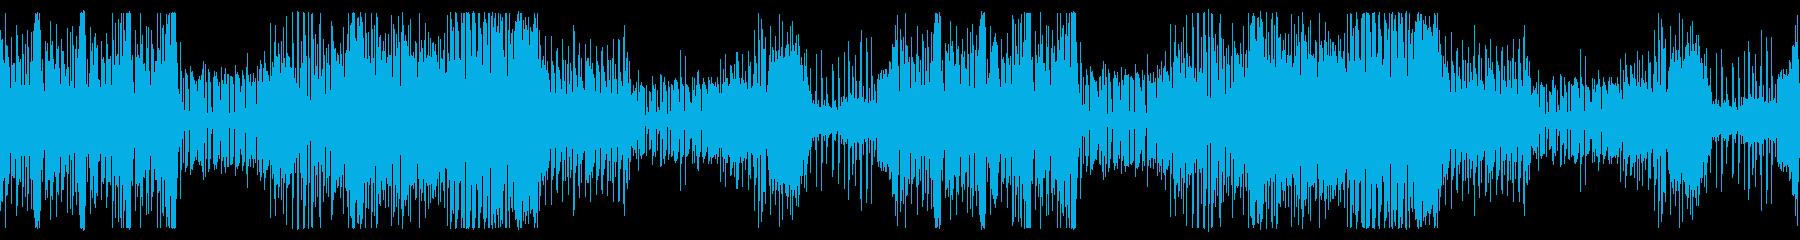 【ループ】楽しいウキウキ元気ビッグバンドの再生済みの波形